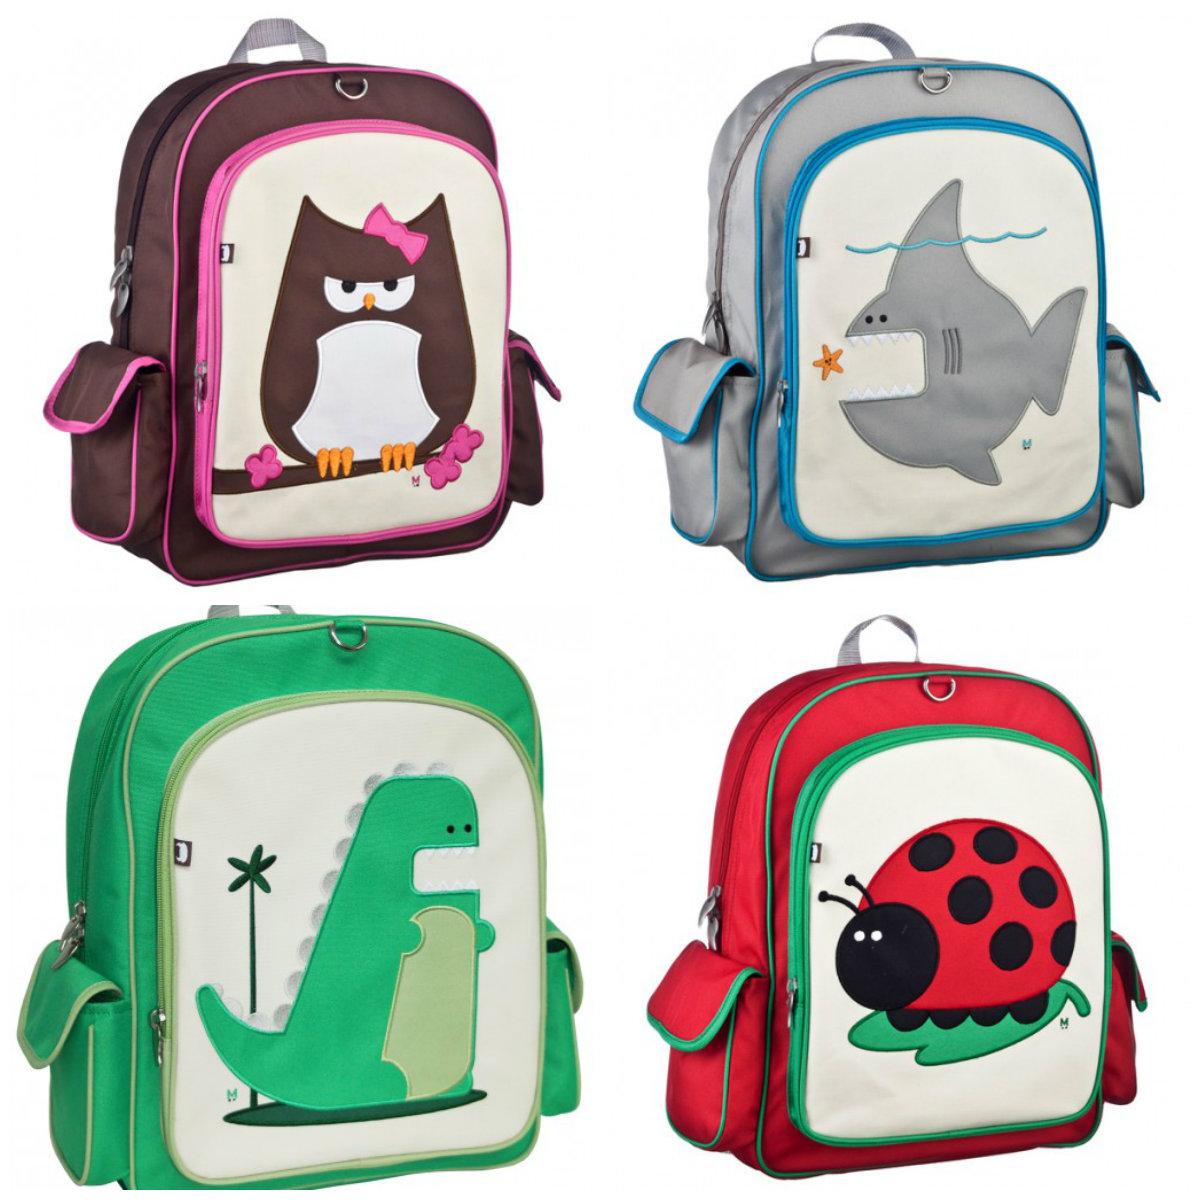 aspetto dettagliato b17a1 d504d Back to school! Idee regalo per scuola materna e nido ...